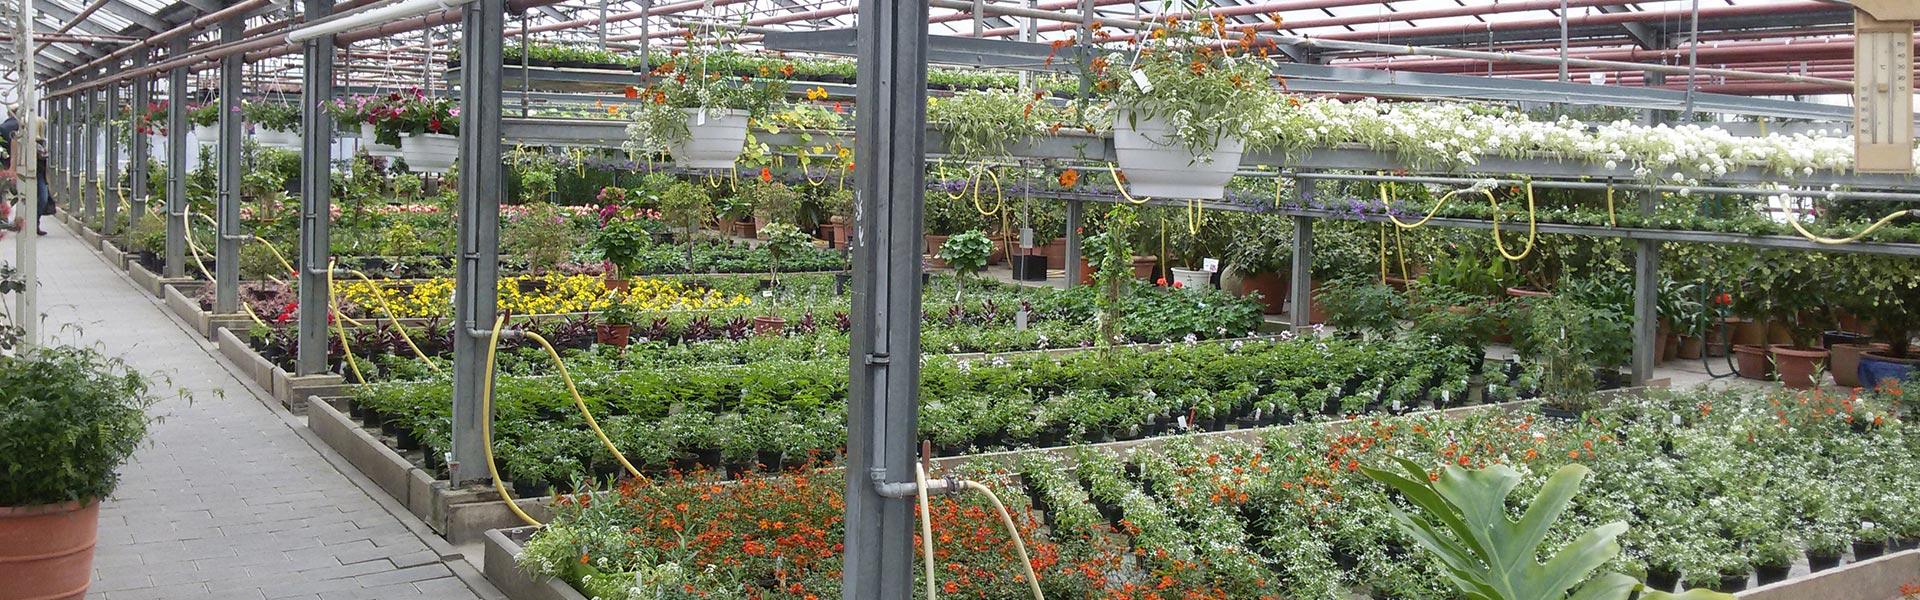 Blumensträuße und Blumenkränze in Landshut